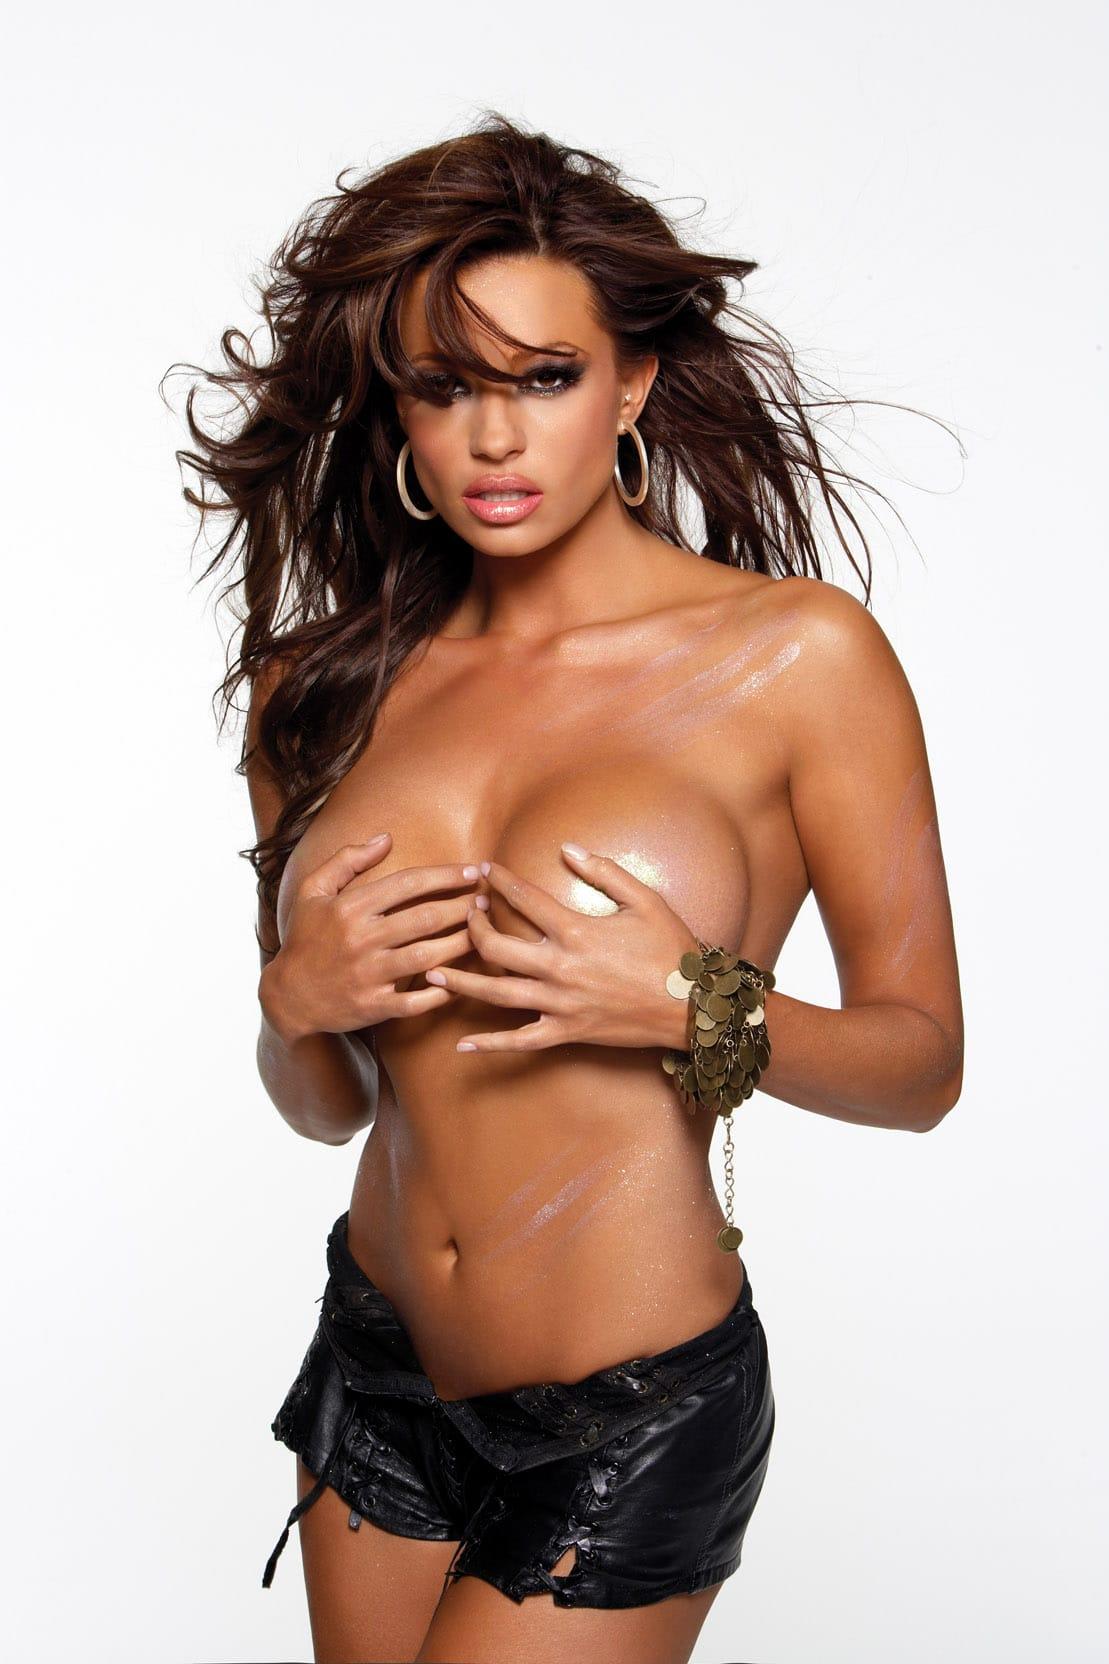 nud GIR